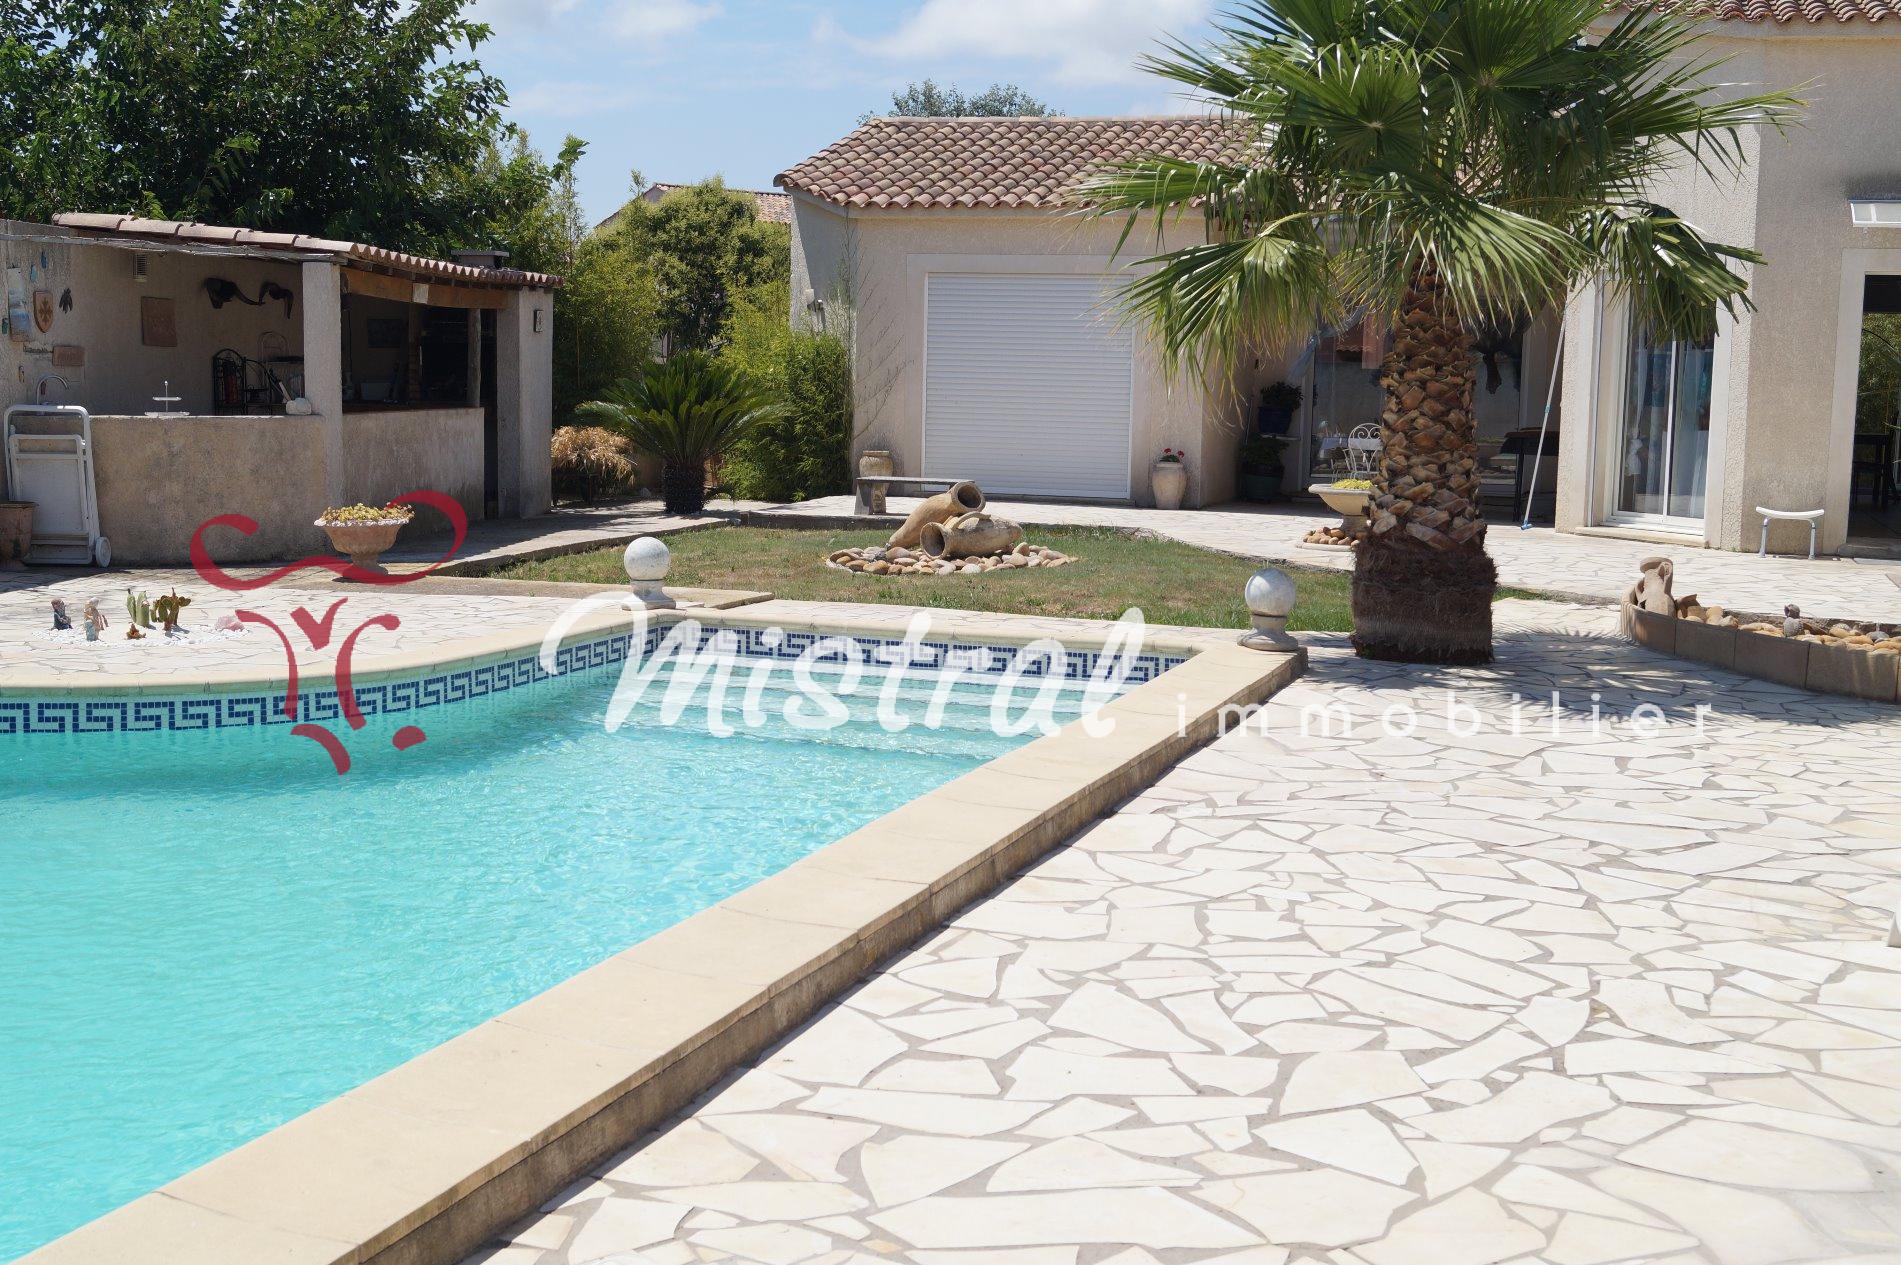 Vente vente villa de plain pied 3 chambres avec piscine for Piscine vendeur